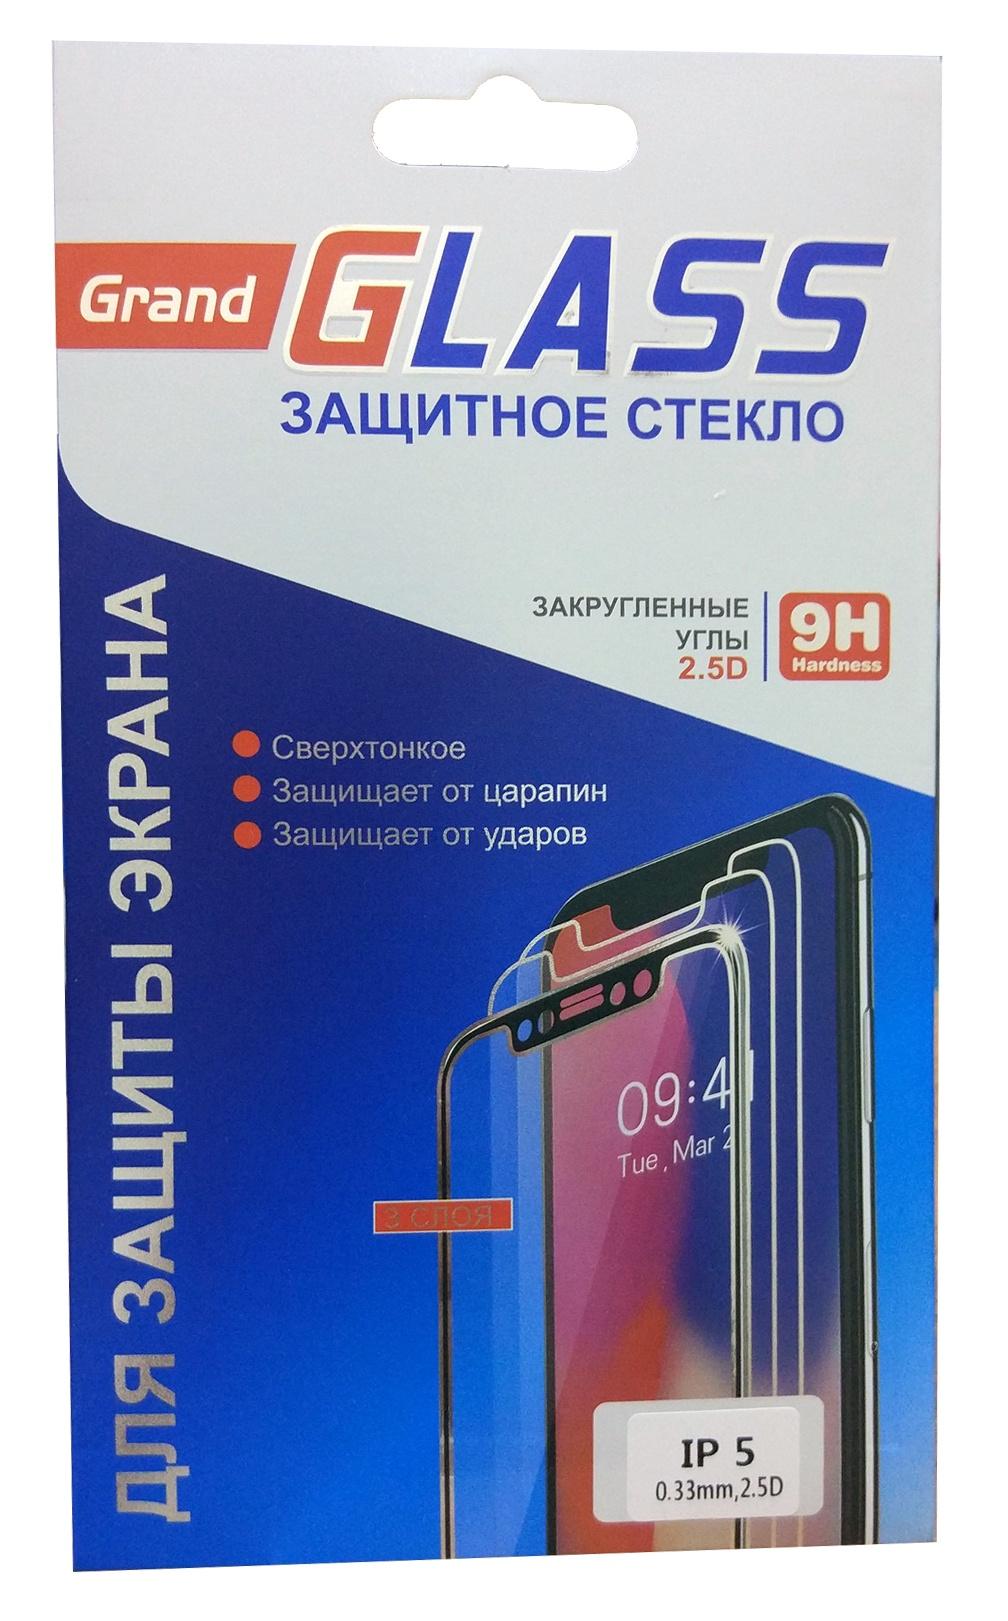 Защитное стекло для iPhone 5 / 5S / 5C / SE защитное стекло полноклеевое full screen для apple iphone 5 5c 5s se черное